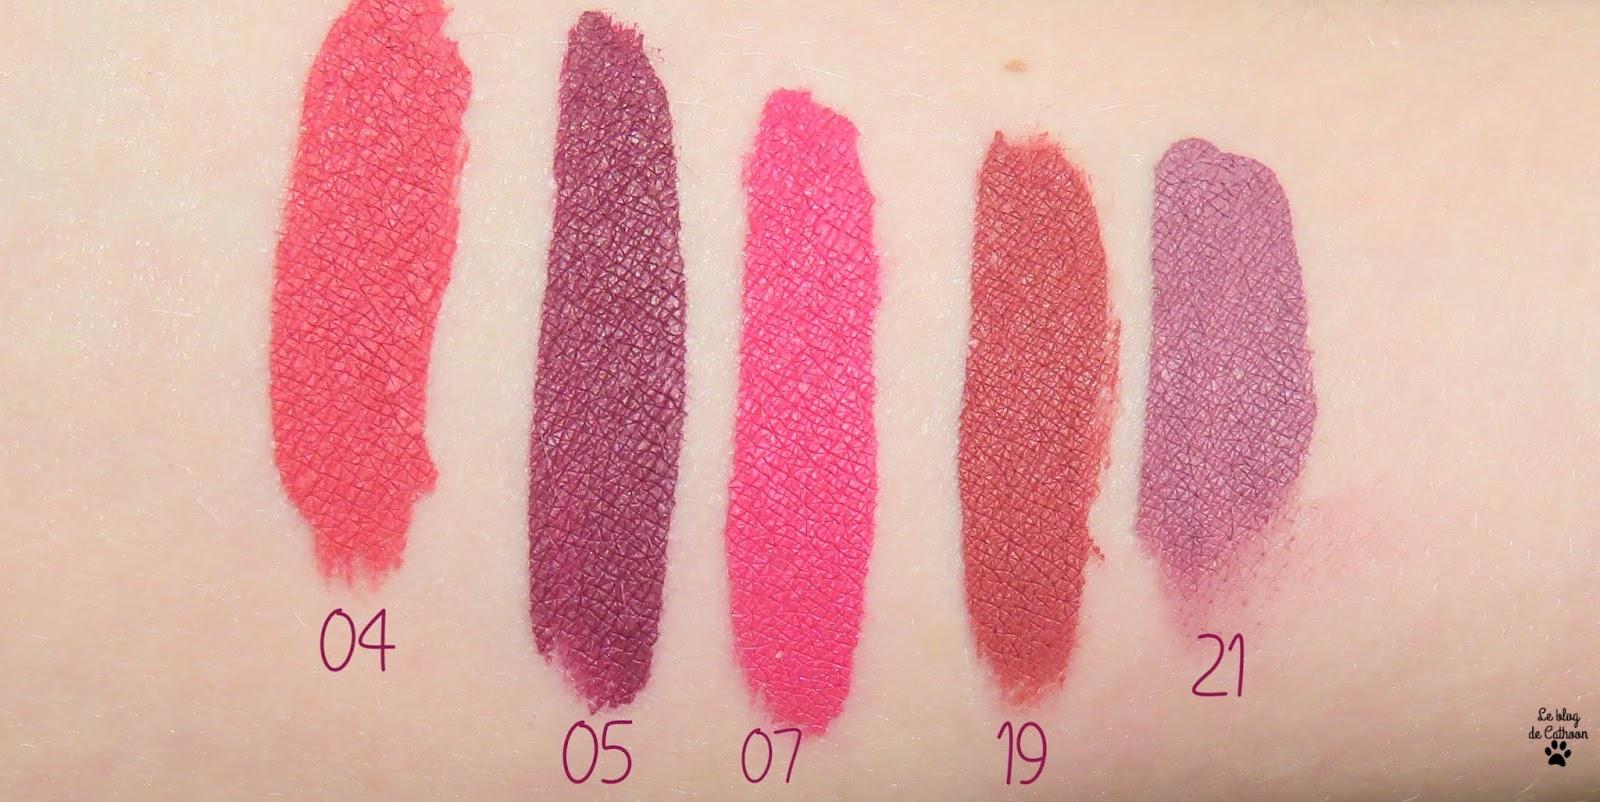 Longstay Liquid Matte Lipstick - Kissproof - Golden Rose